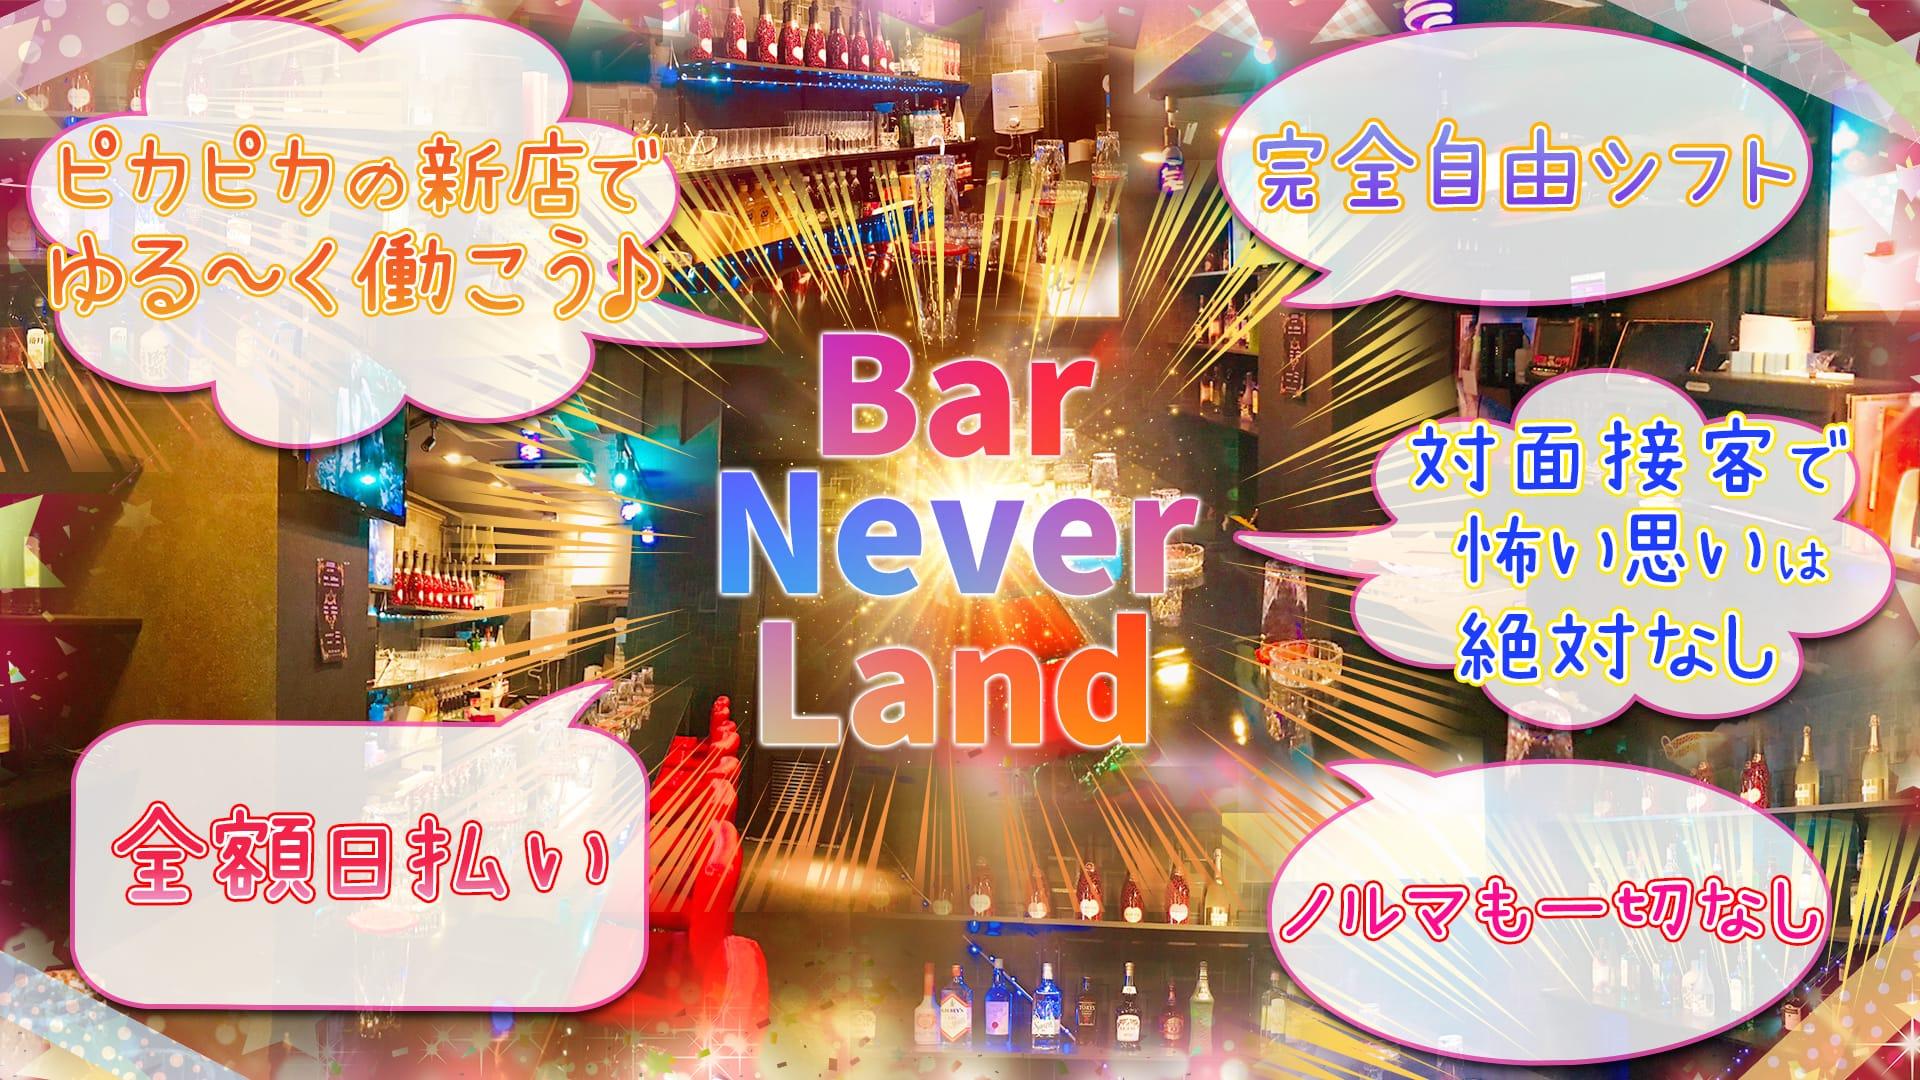 Bar Never Land ネバーランド 赤羽 ガールズバー TOP画像